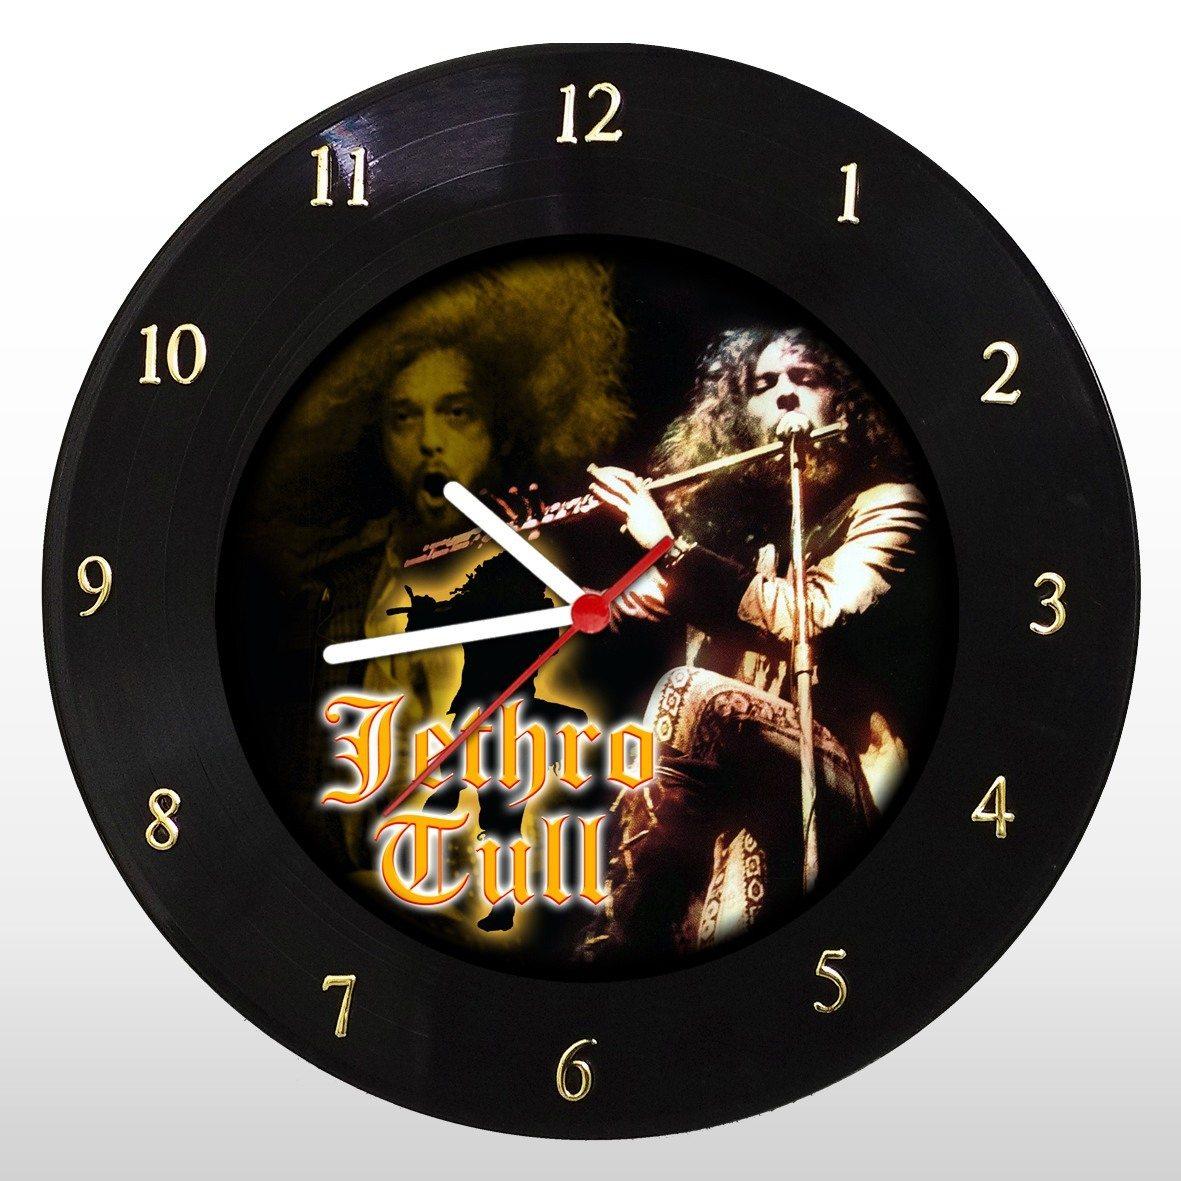 Jethro Tull - Relógio de Parede em Disco de Vinil - Mr. Rock